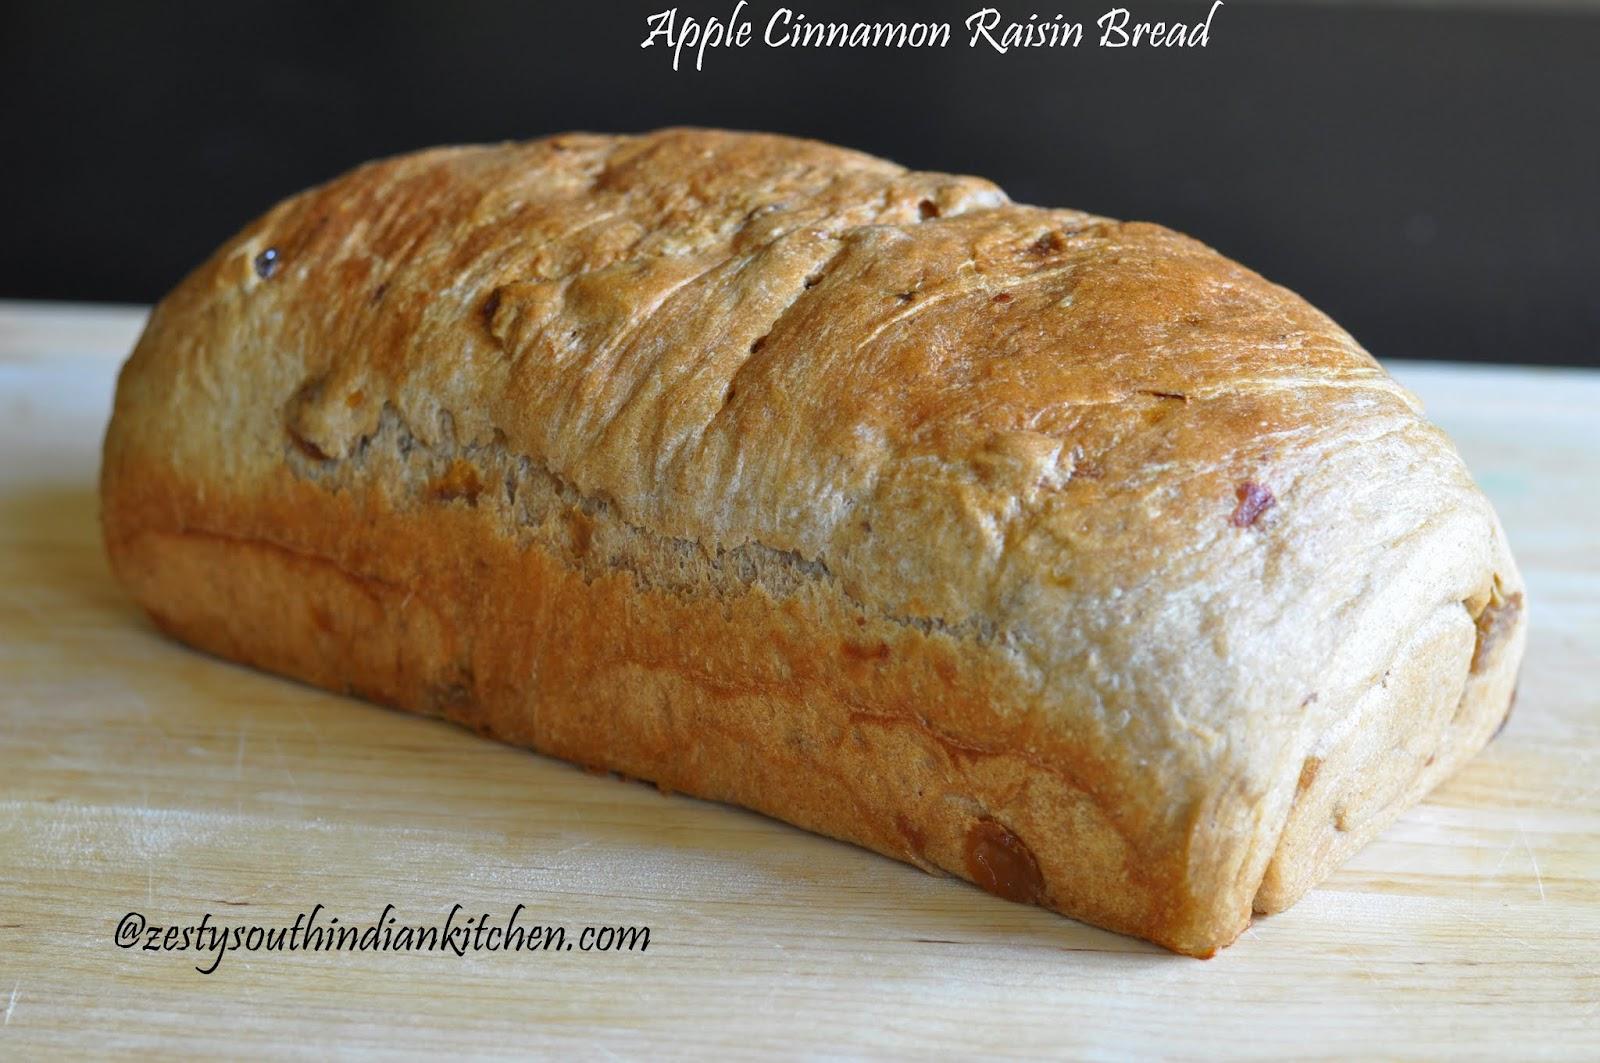 Apple Cinnamon Raisin Bread Zesty South Indian Kitchen